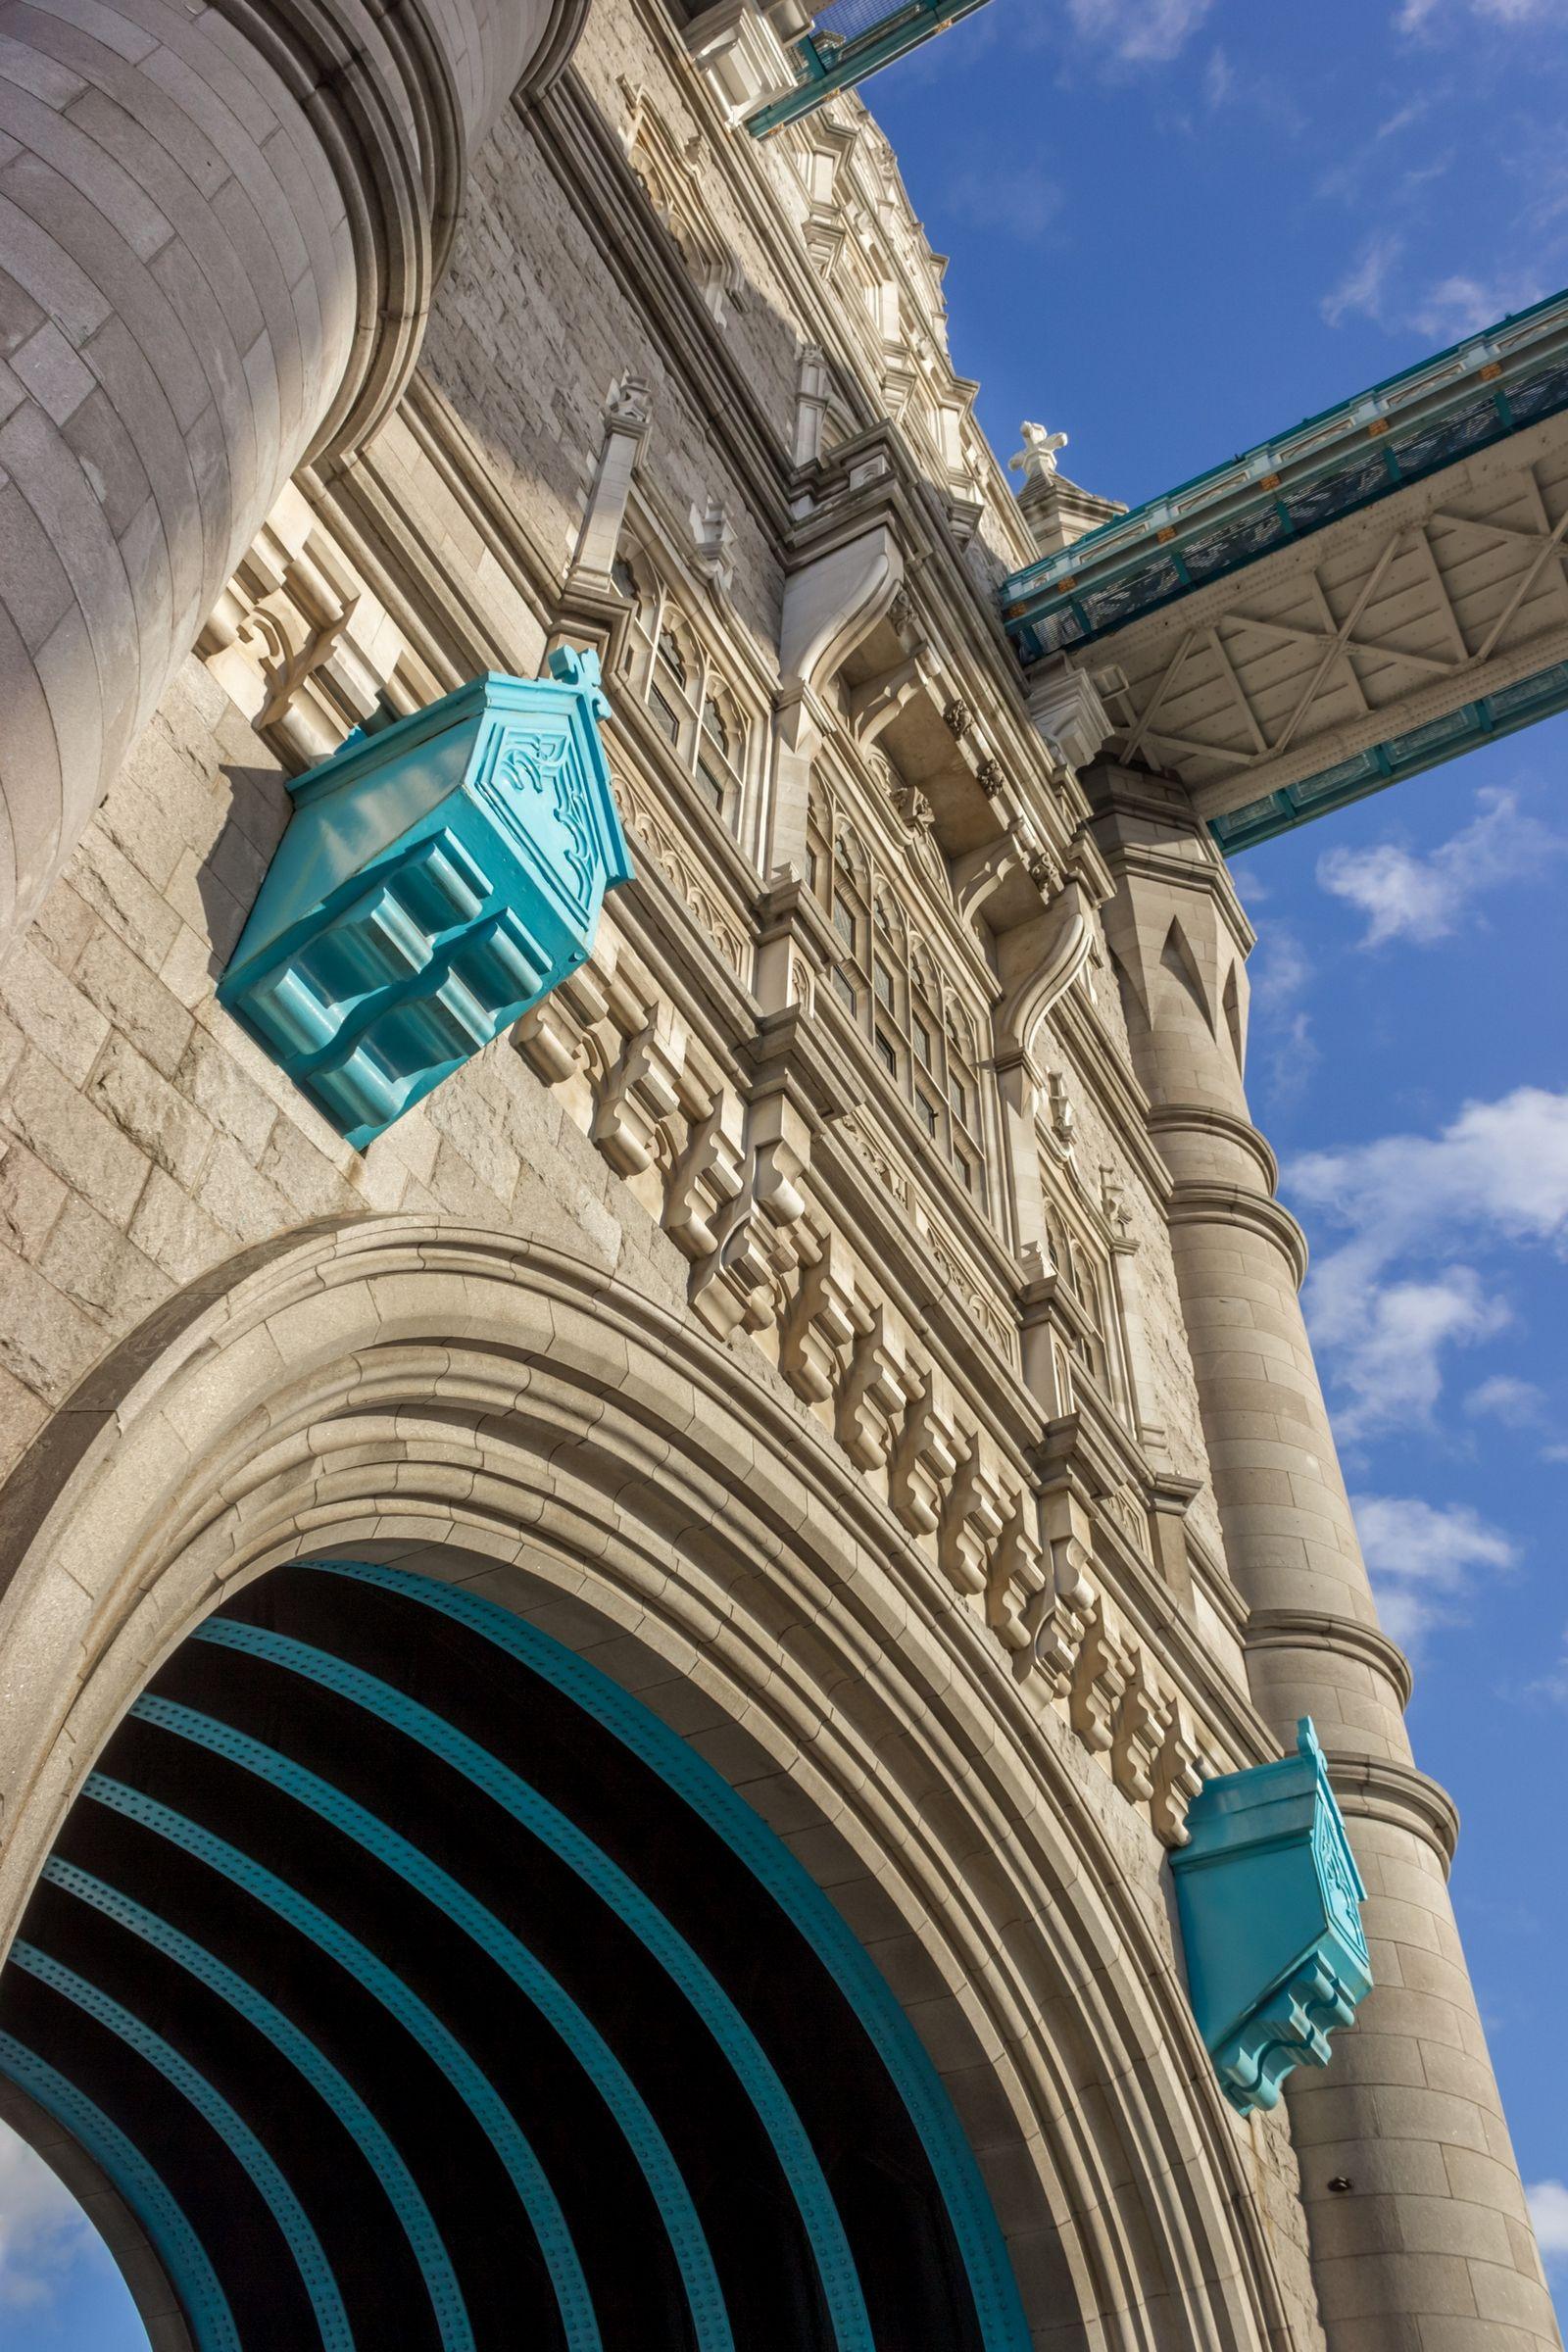 Detalles en una de las dos columnas del Puente de la Torre